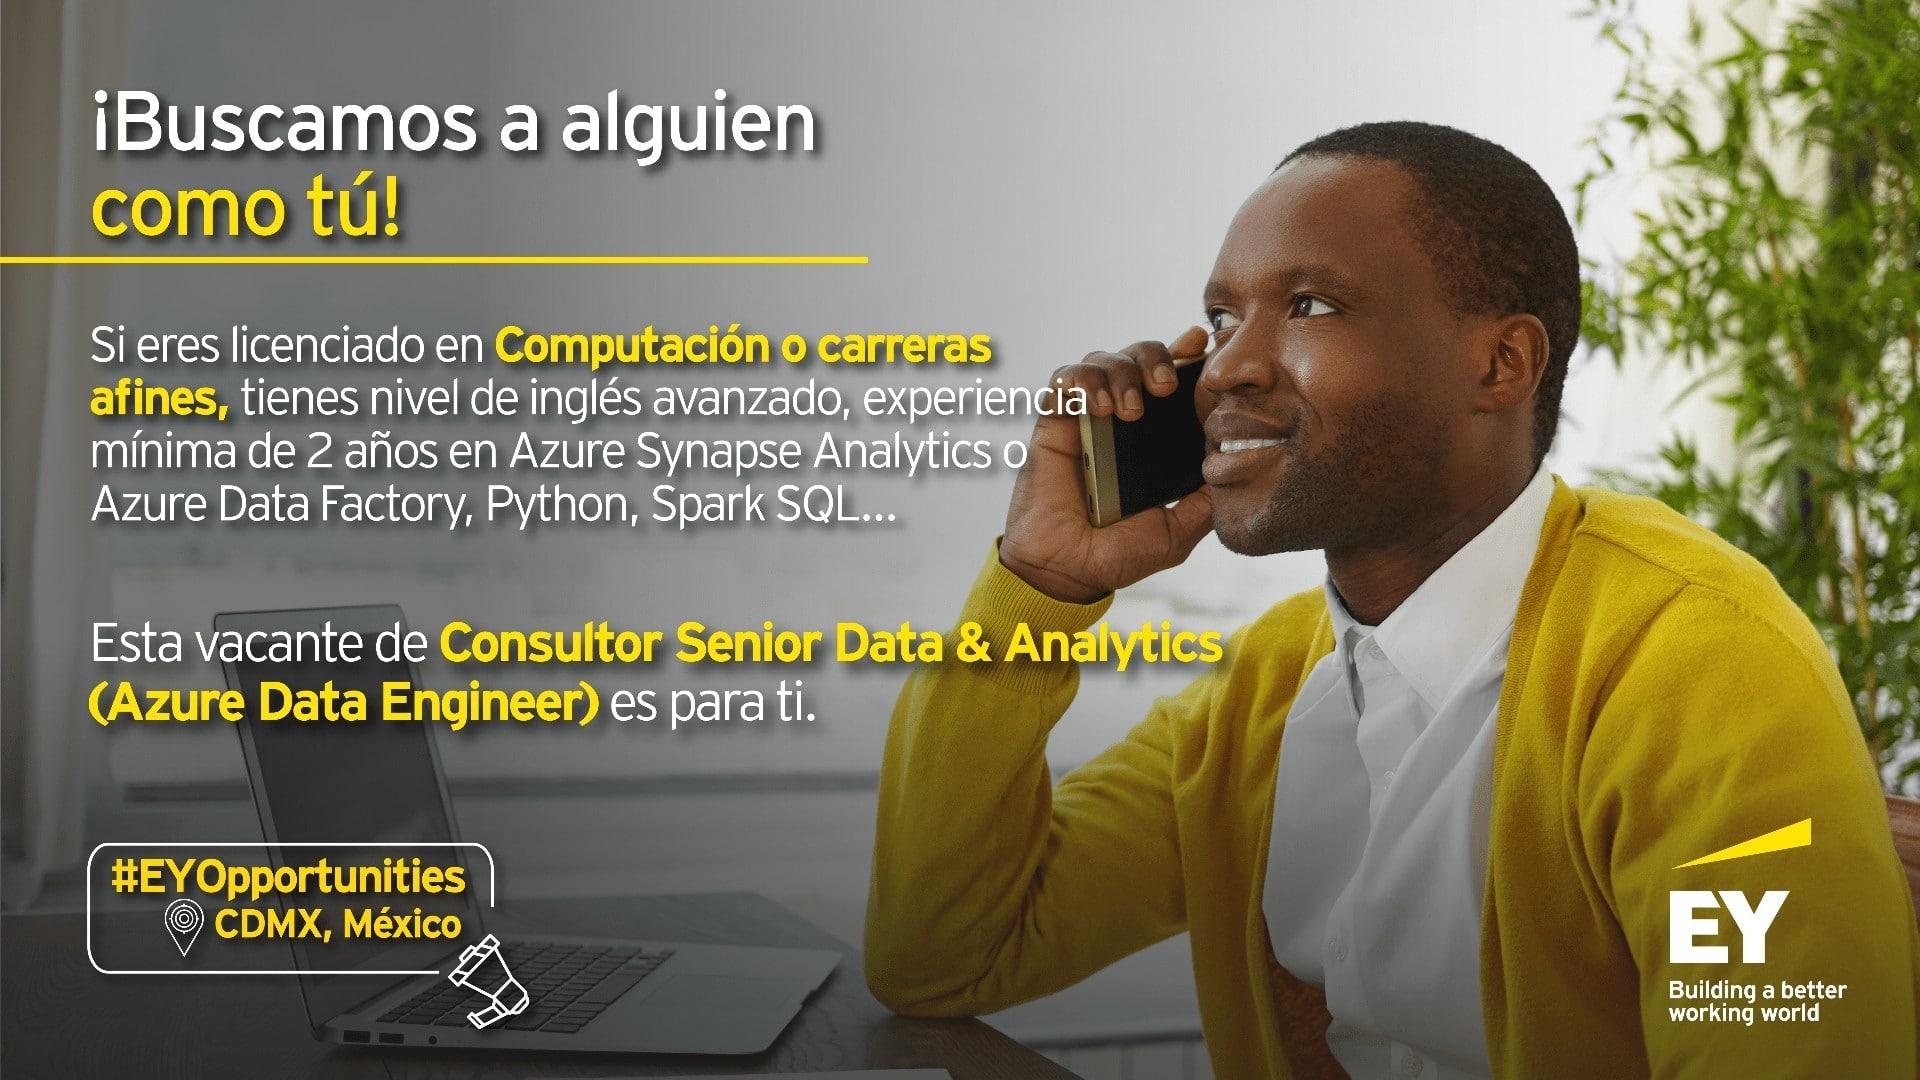 Consultor Senior Data & Analytics: Azure Data Engineer